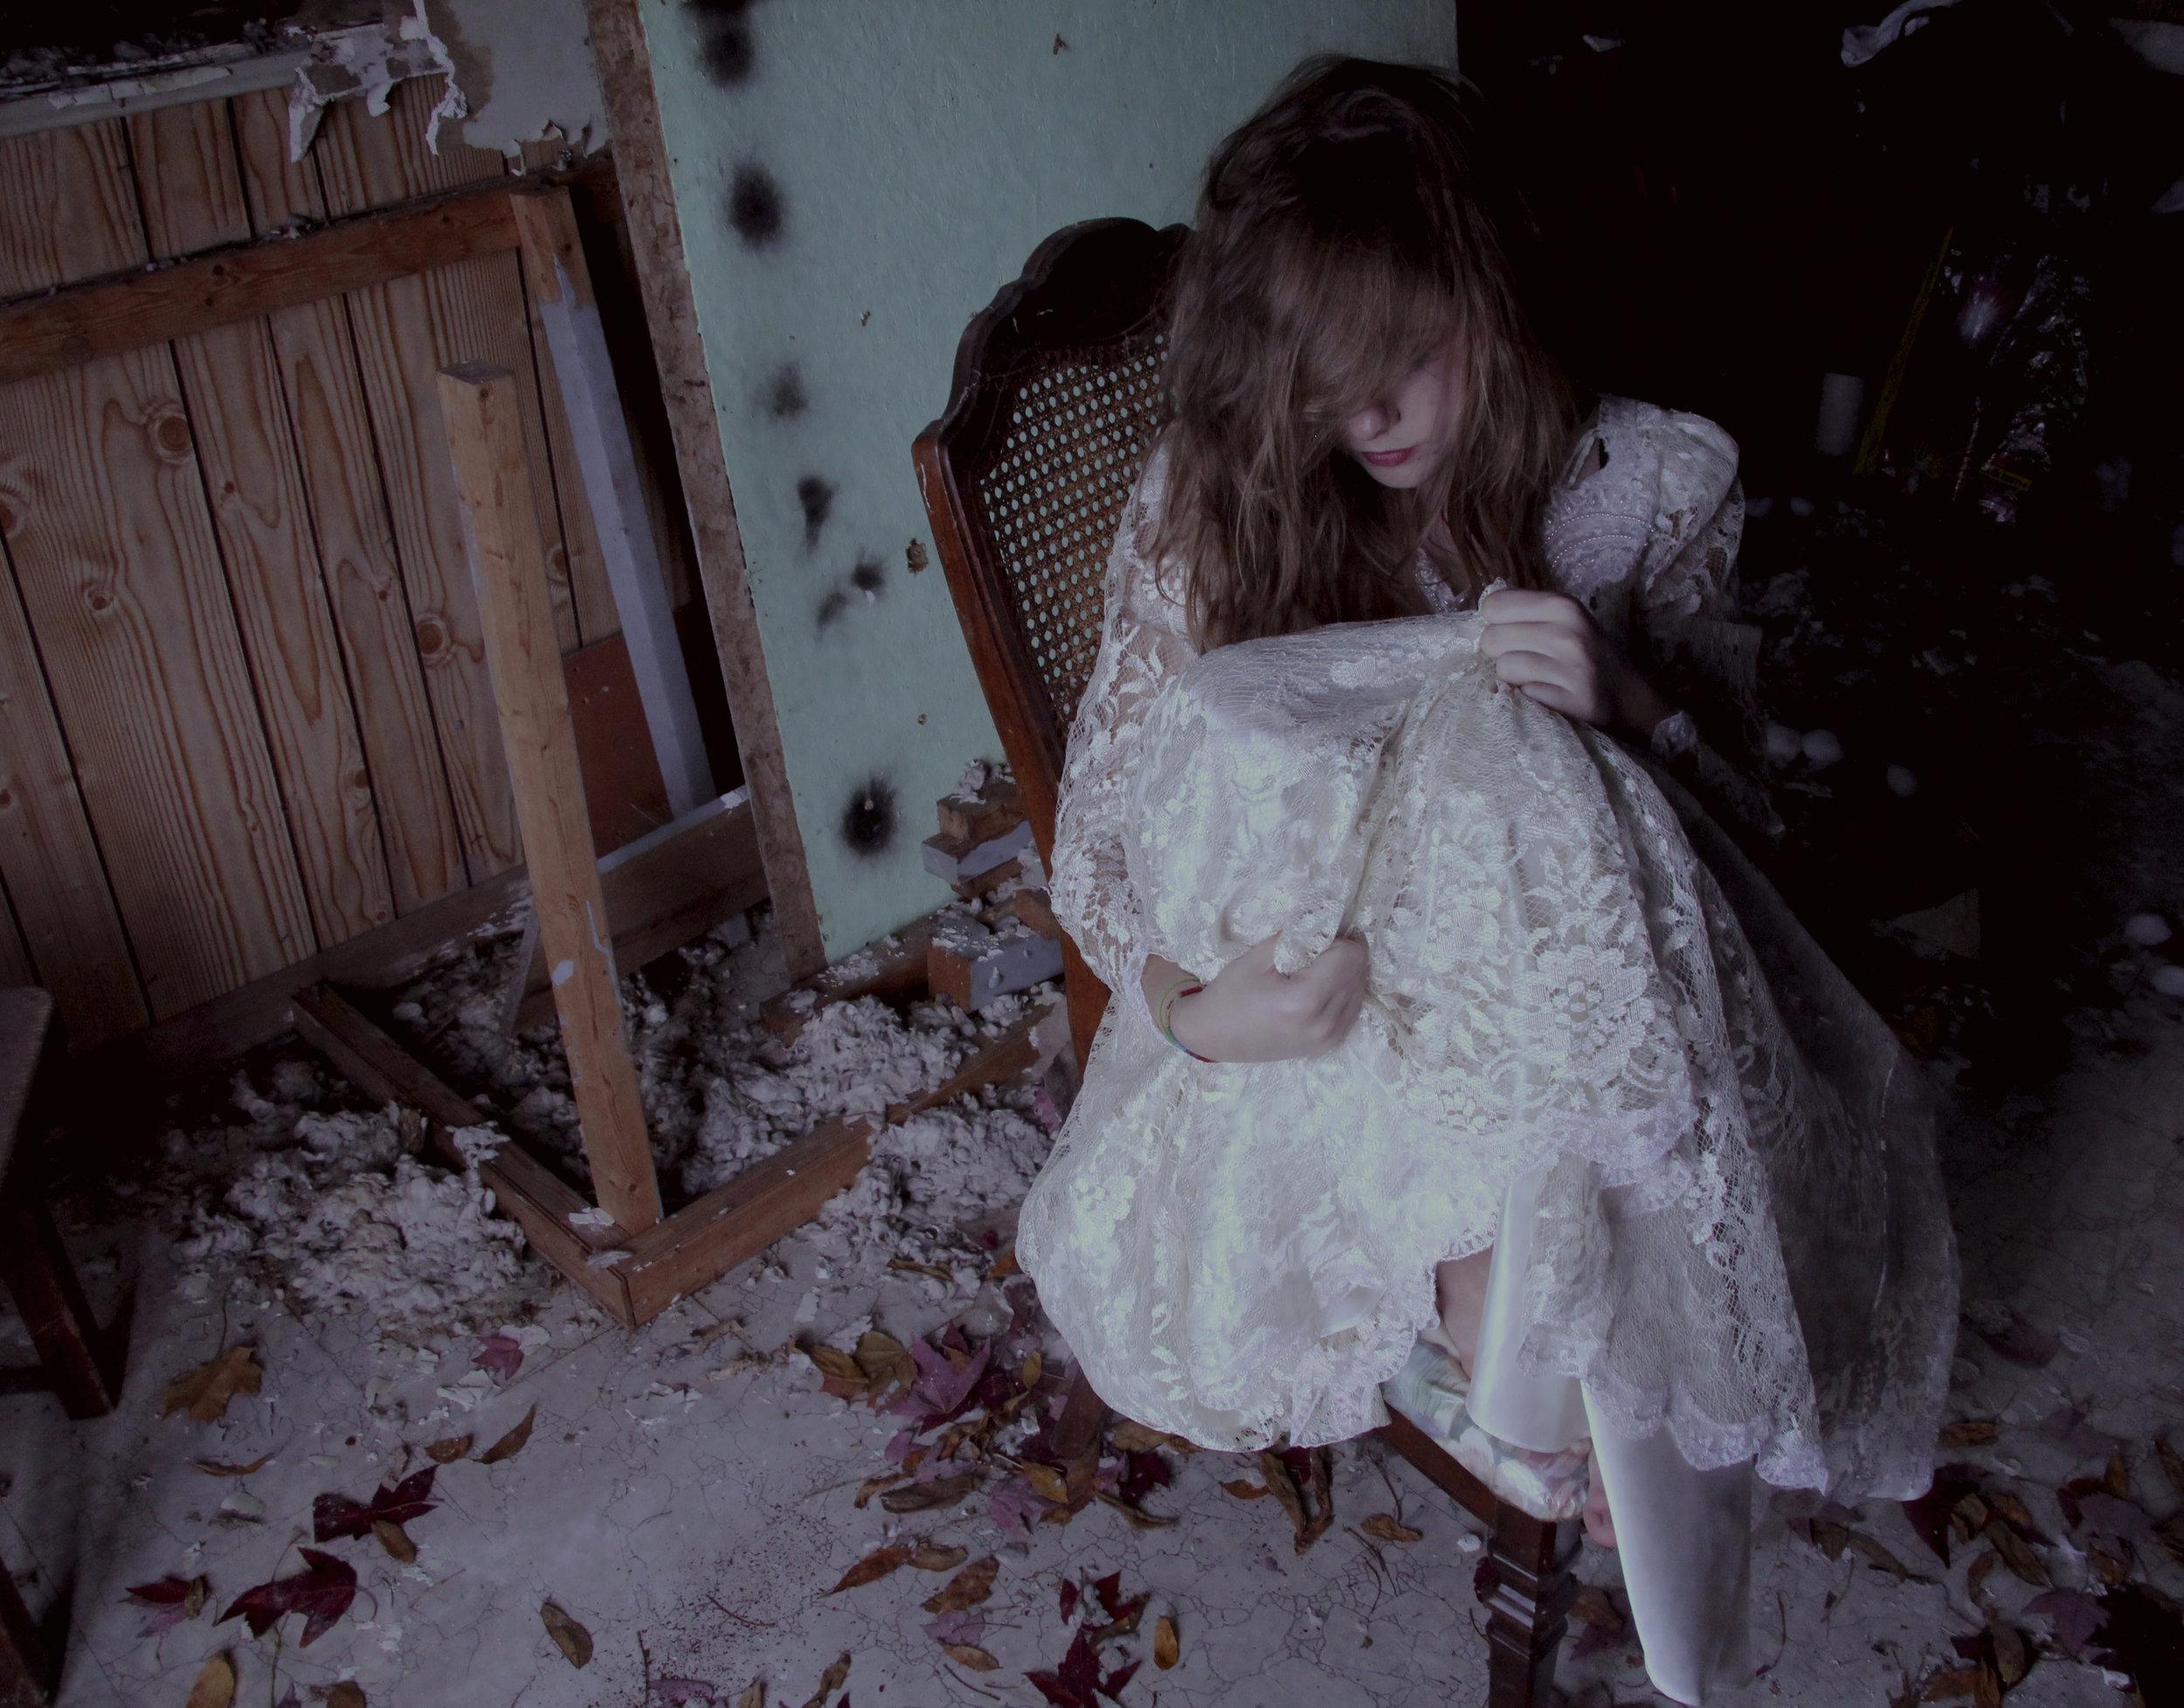 Inside an abandoned house.